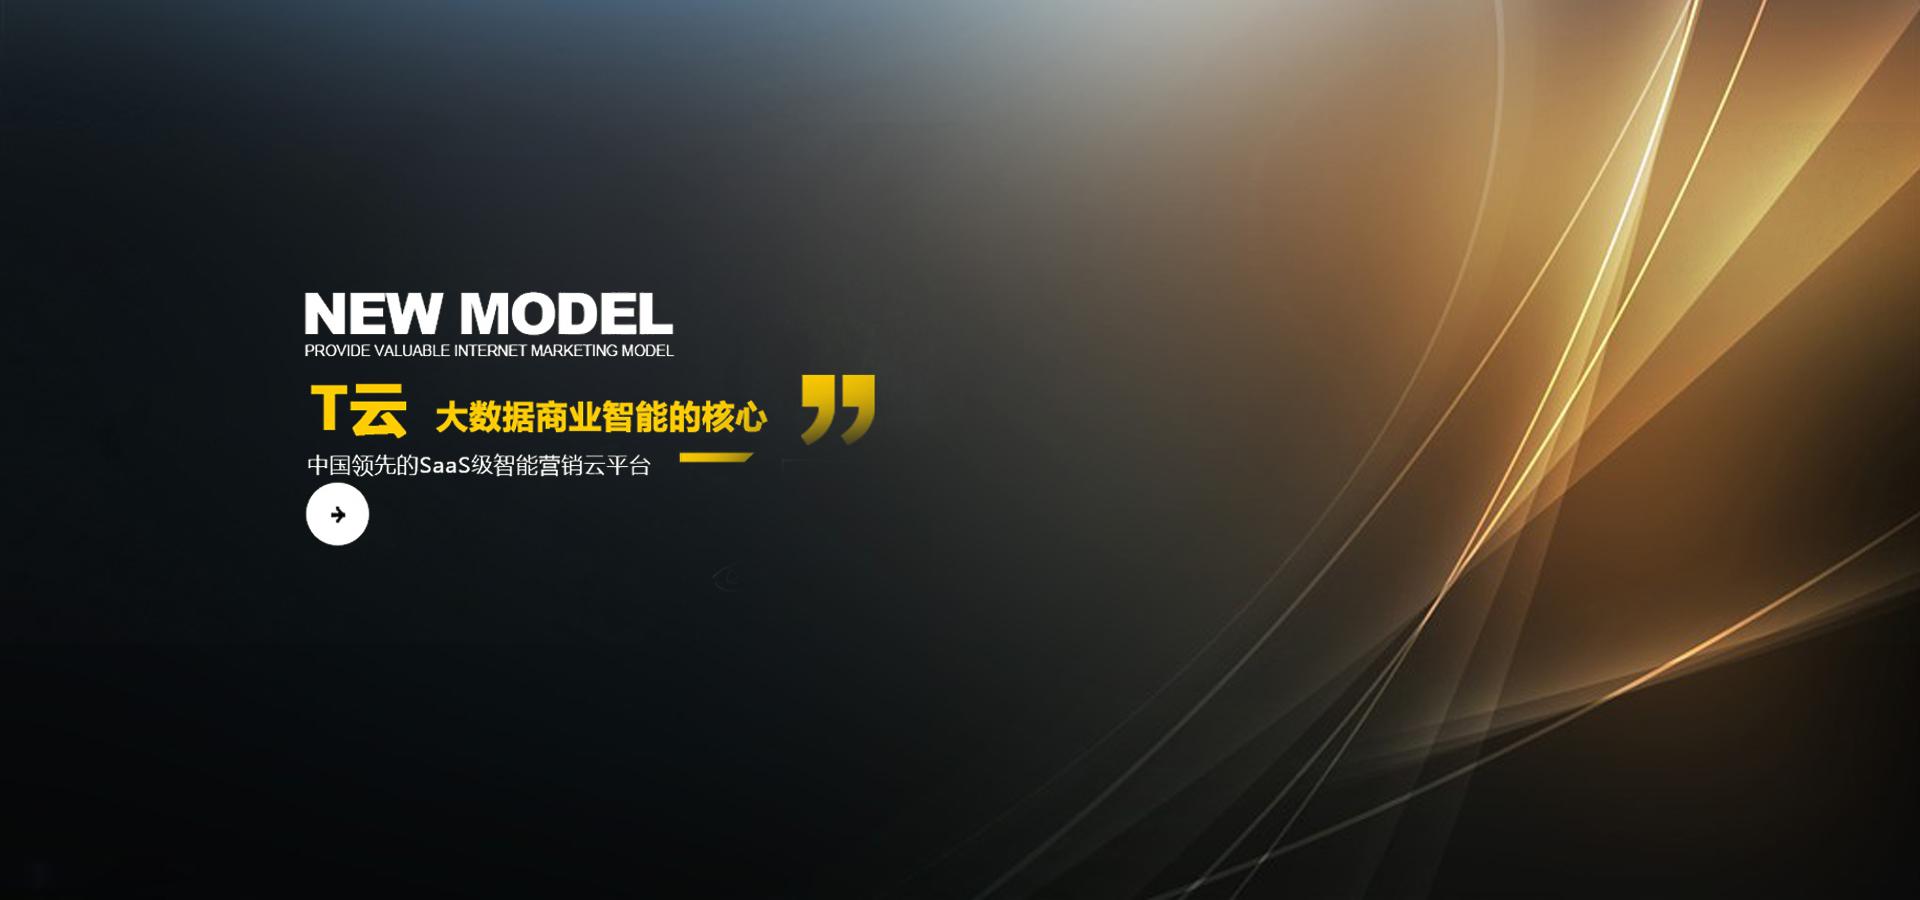 T云,智能营销